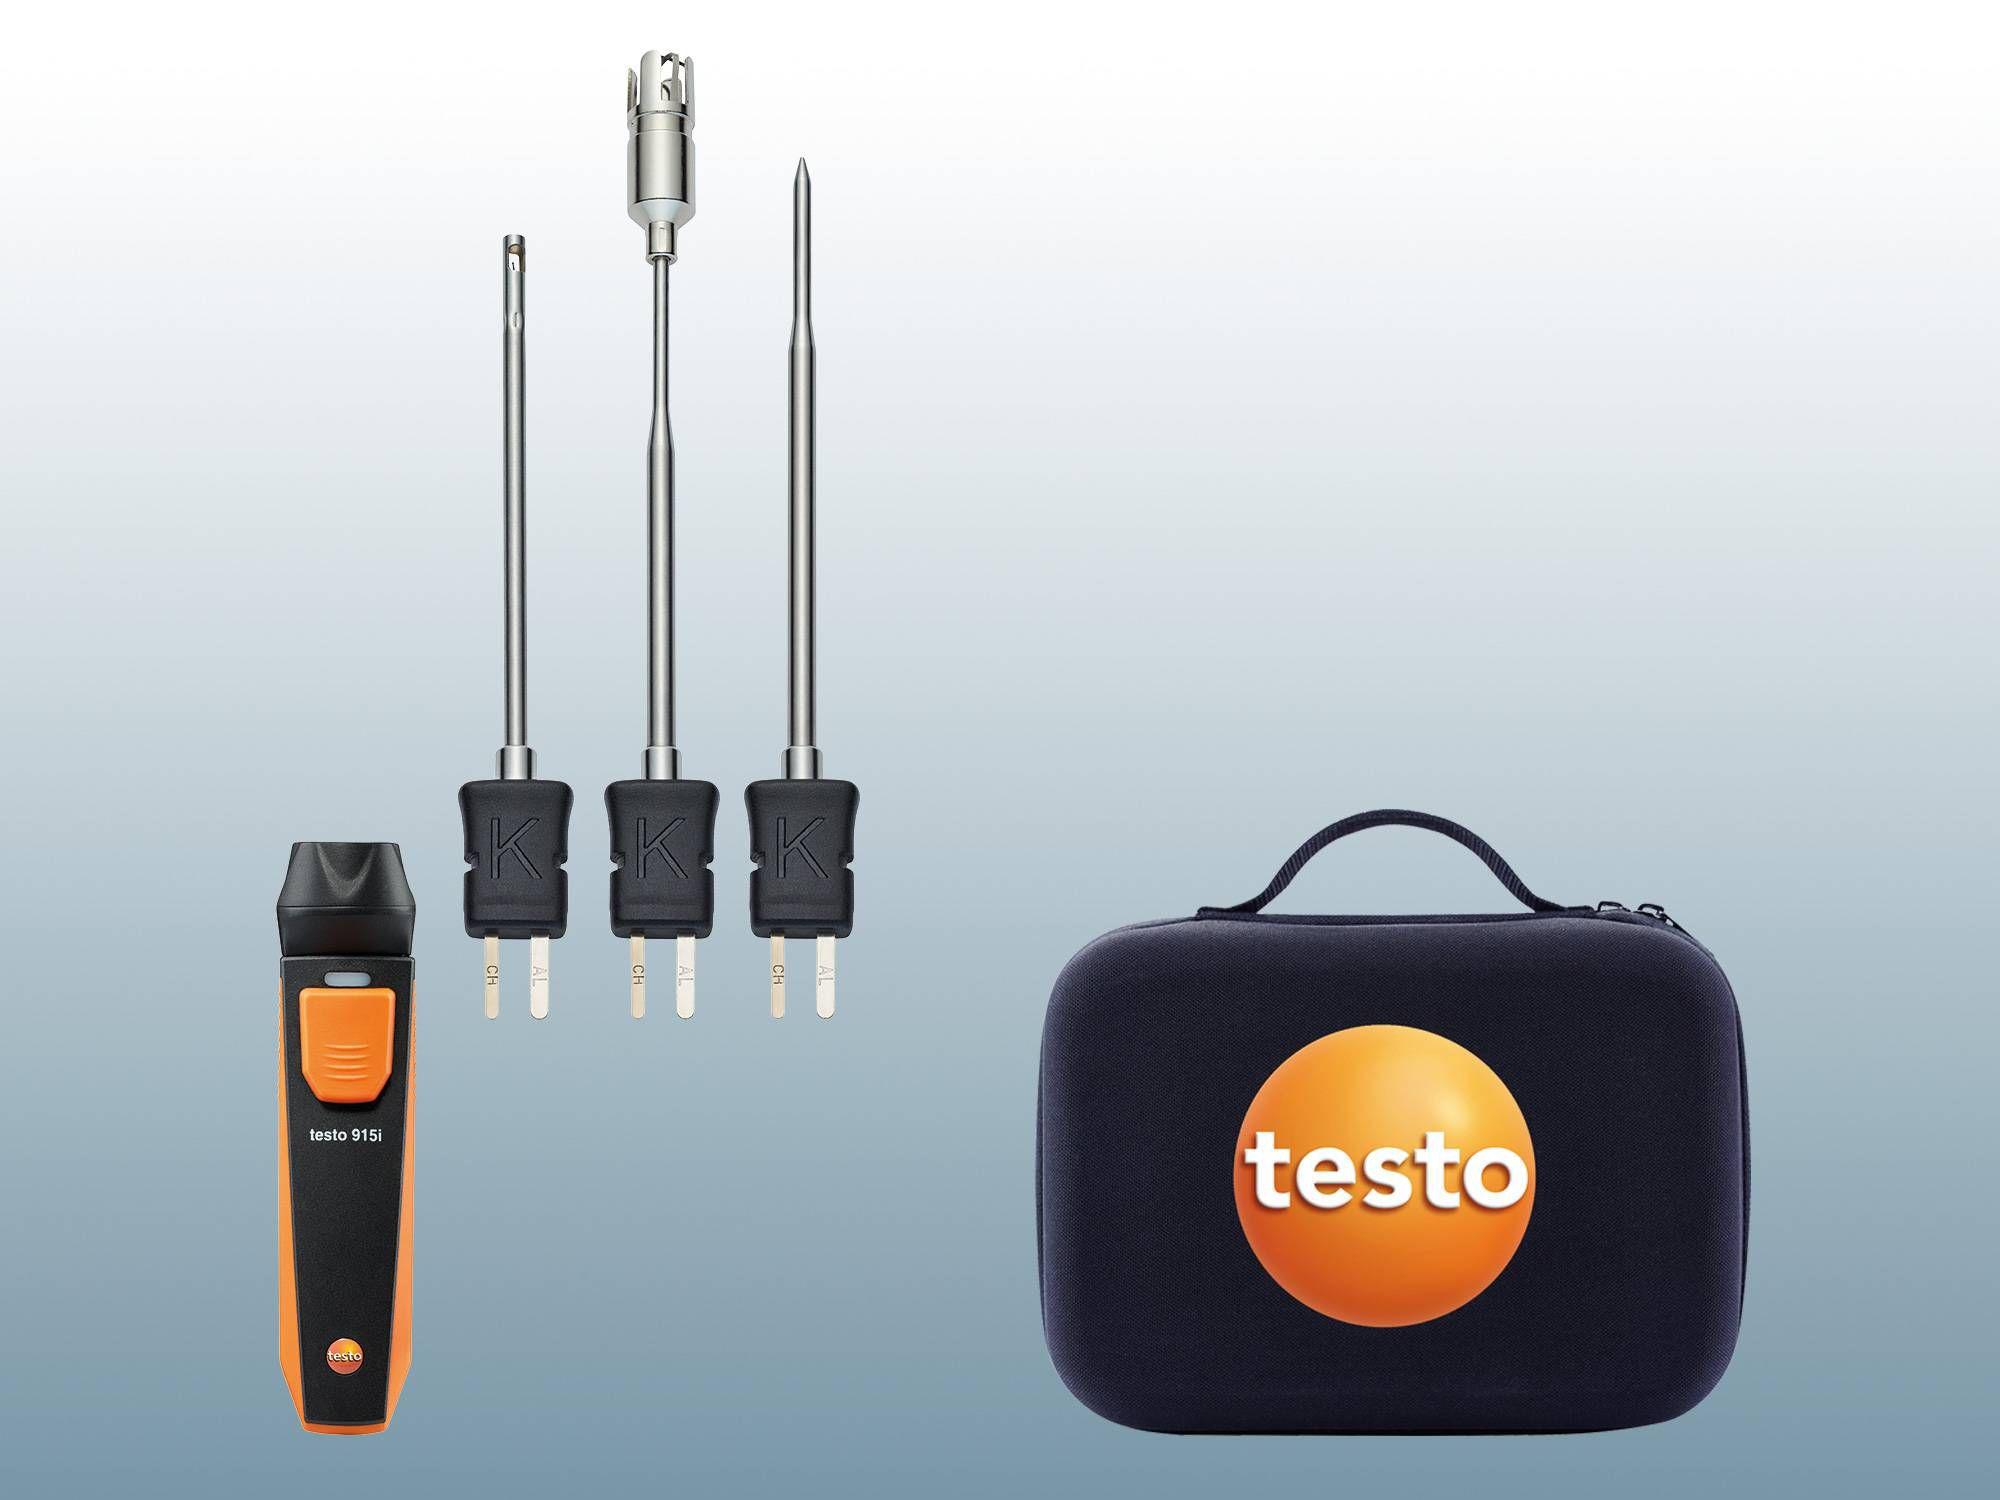 testo-915i-Set_0563-5915_2000x1500.jpg